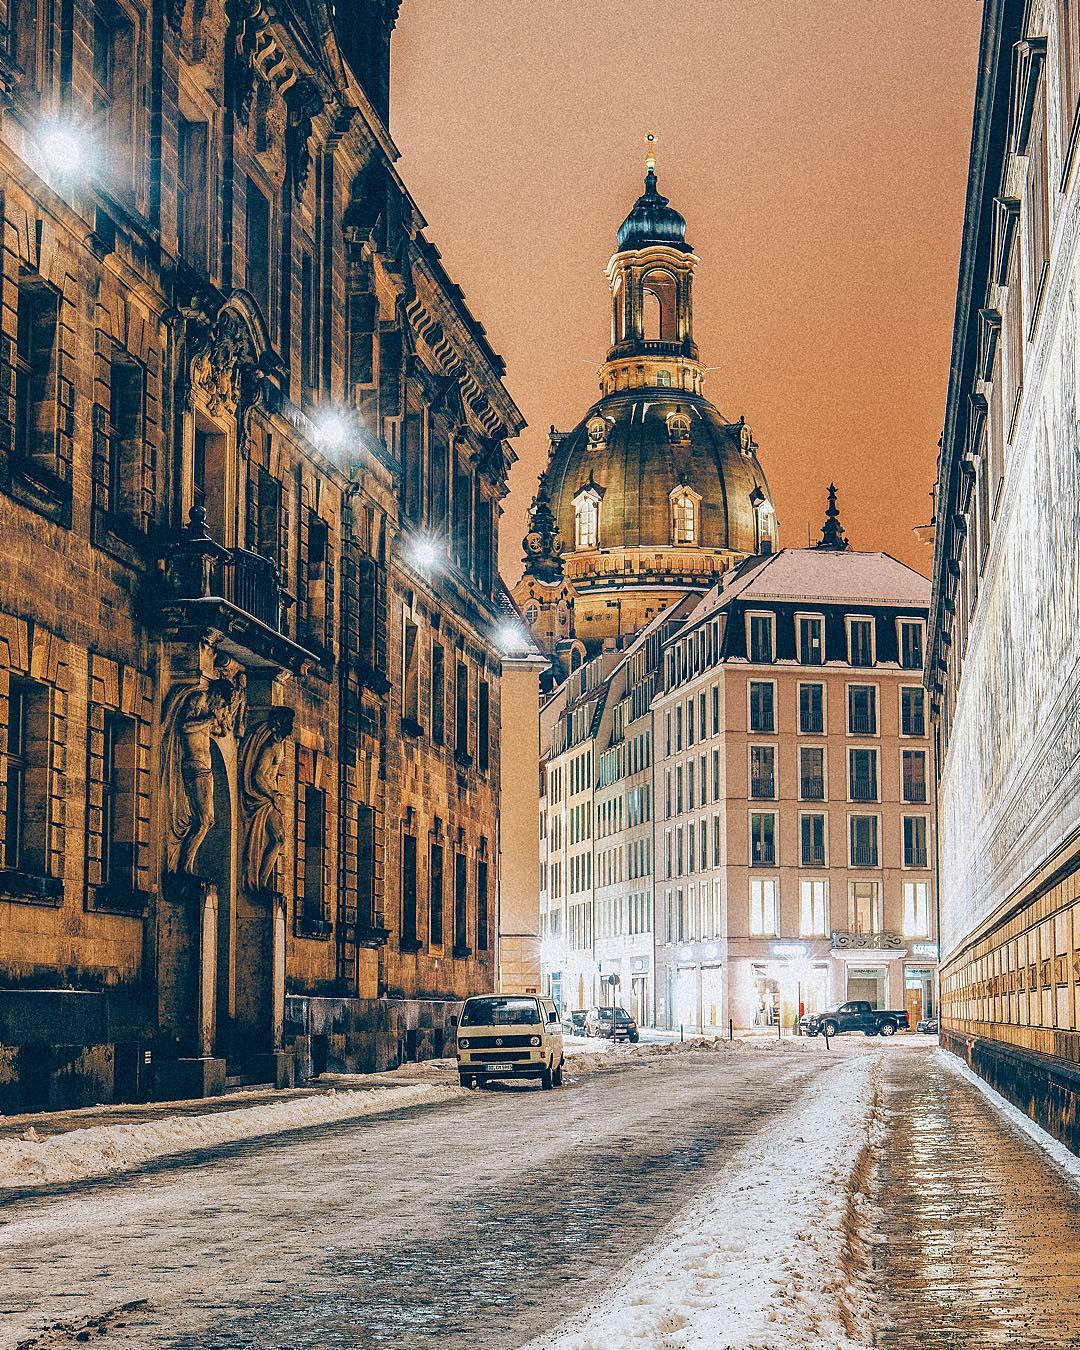 viaje alrededor del mundo con fotografías de paisajes surreales Jacob Riglin 011